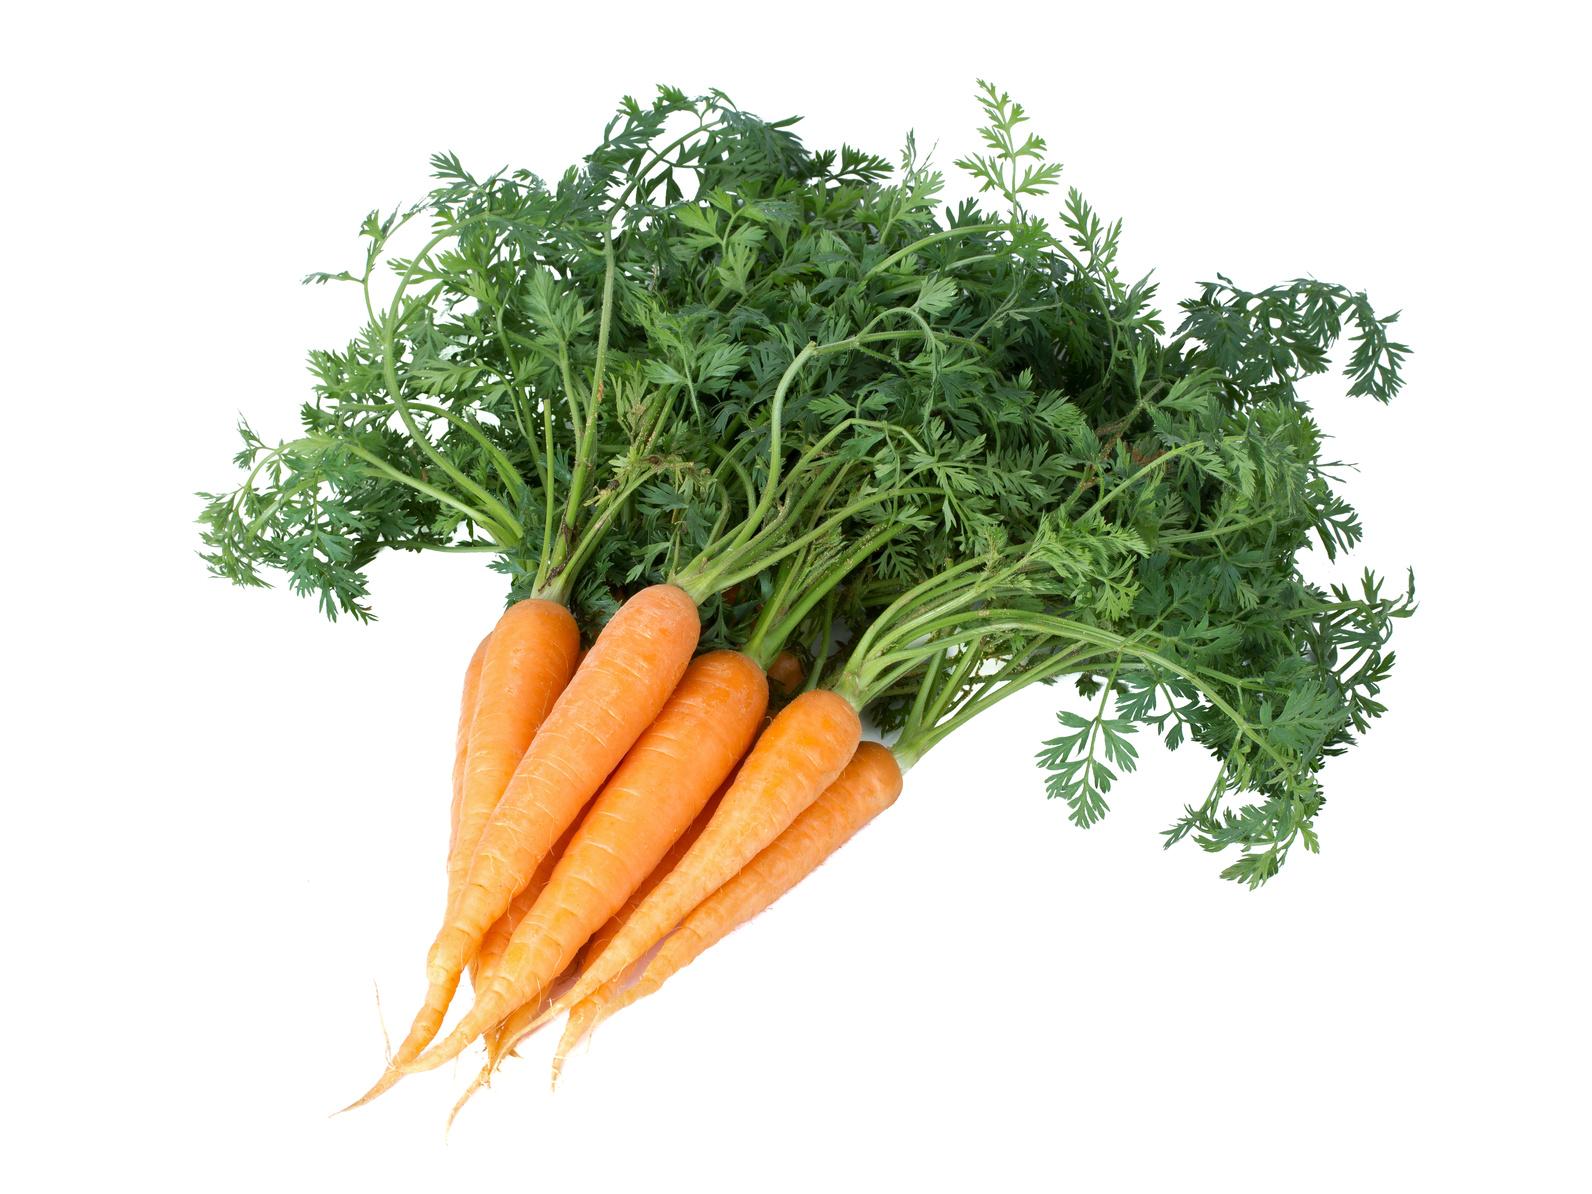 Fiche de renseignements des carrottes